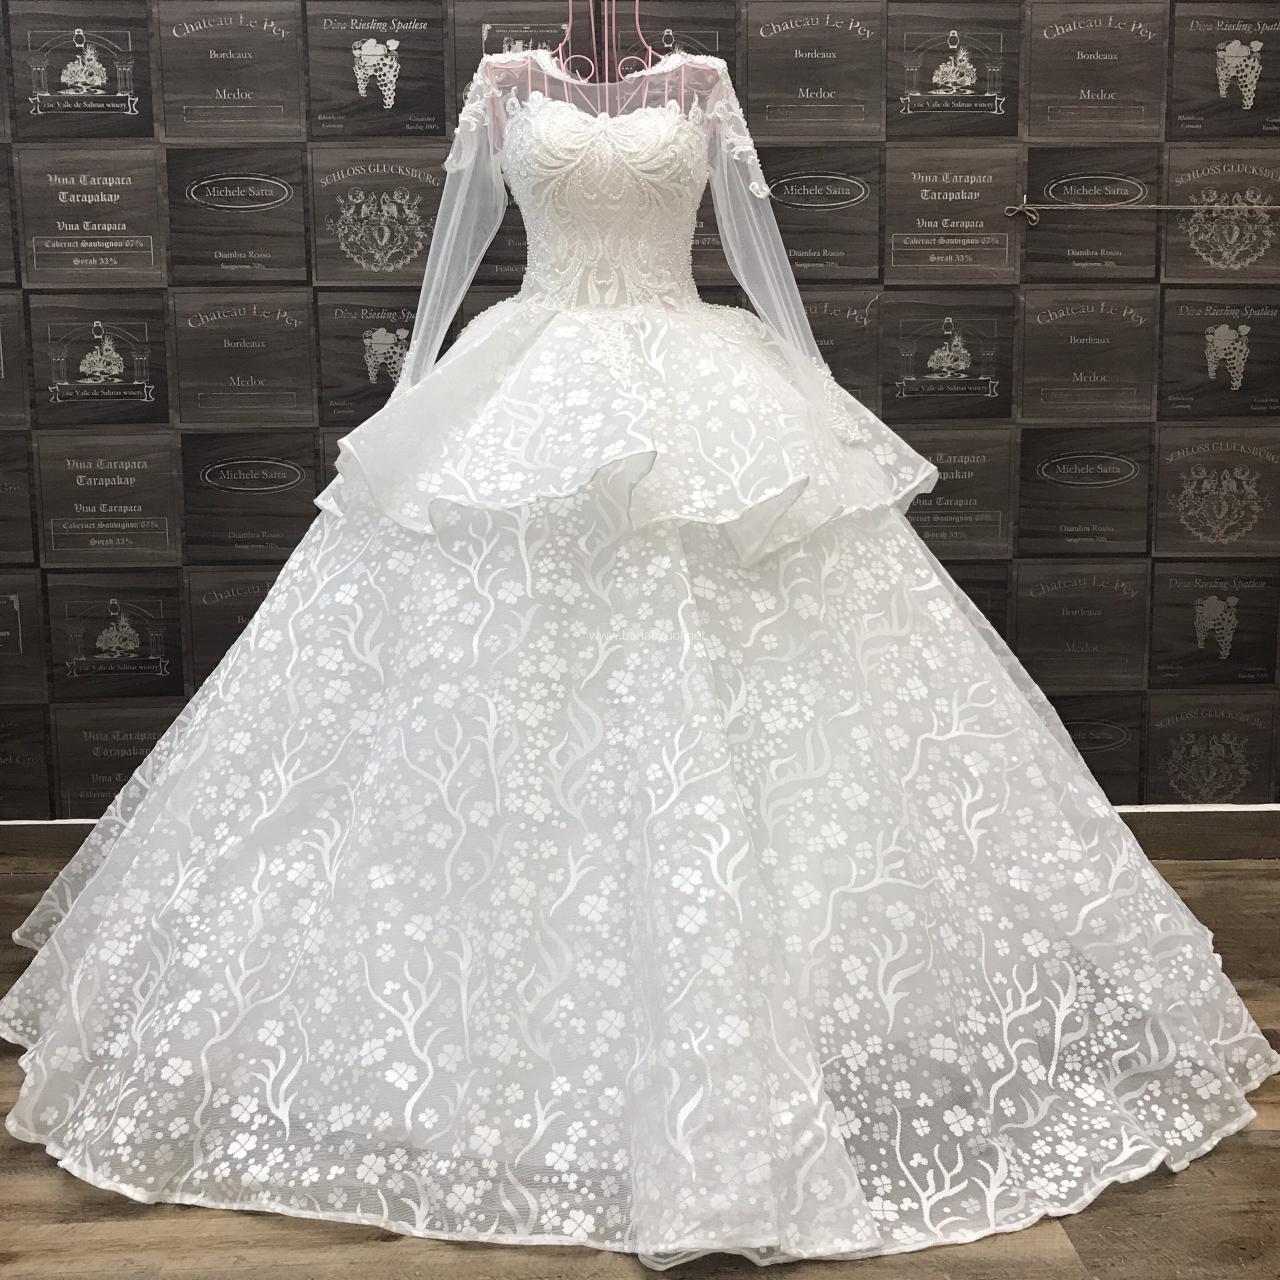 Áo cưới tay dài, tùng xòe vi tính 2 tầng xếp nếp